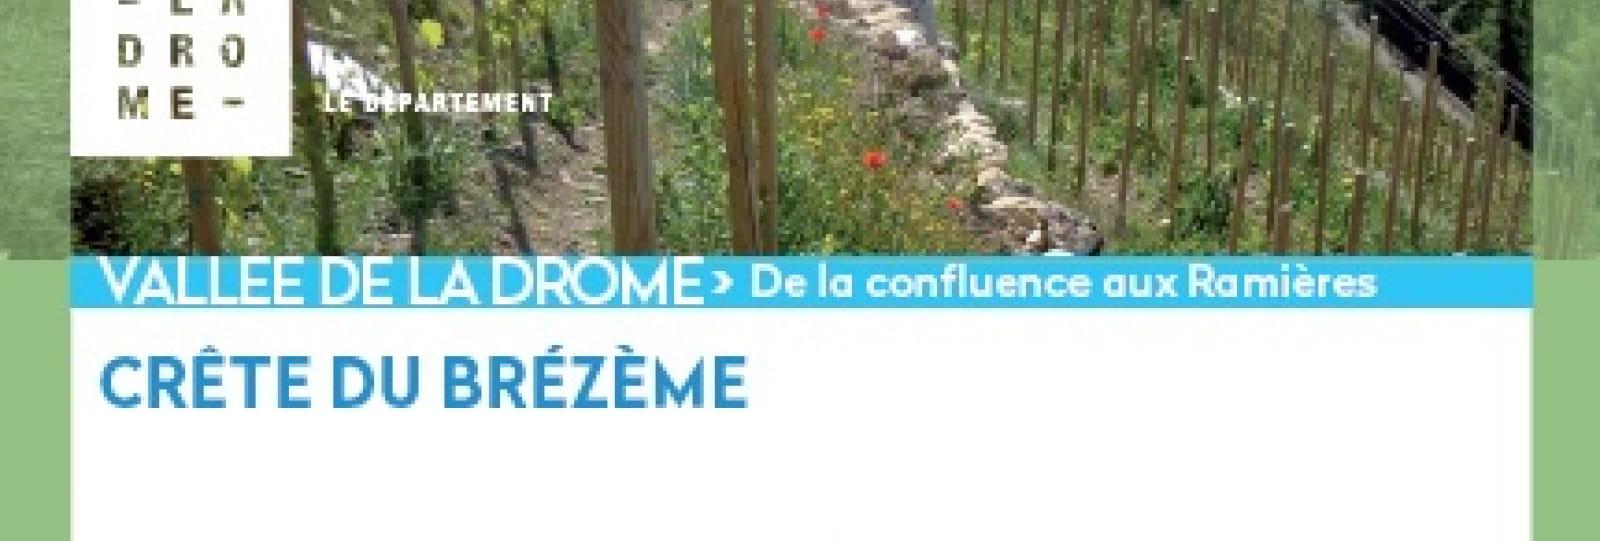 Crète du Brézème